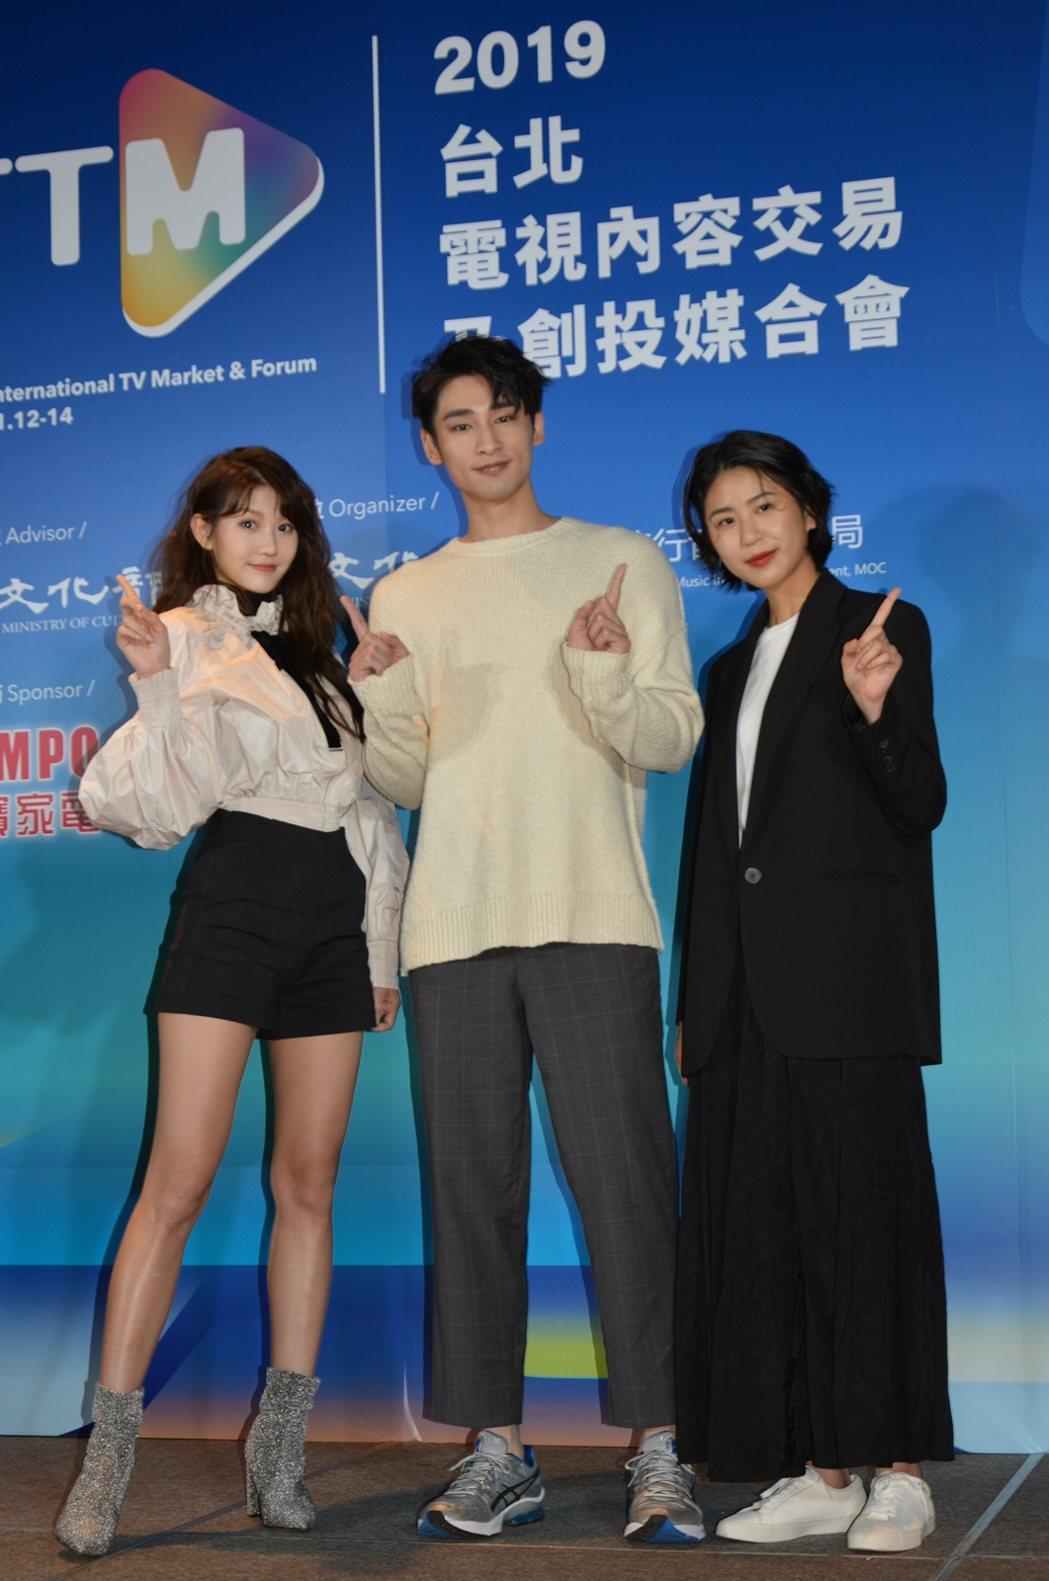 朱主愛(左起)、章廣辰、陳璇出席台北電視節。圖/華視提供